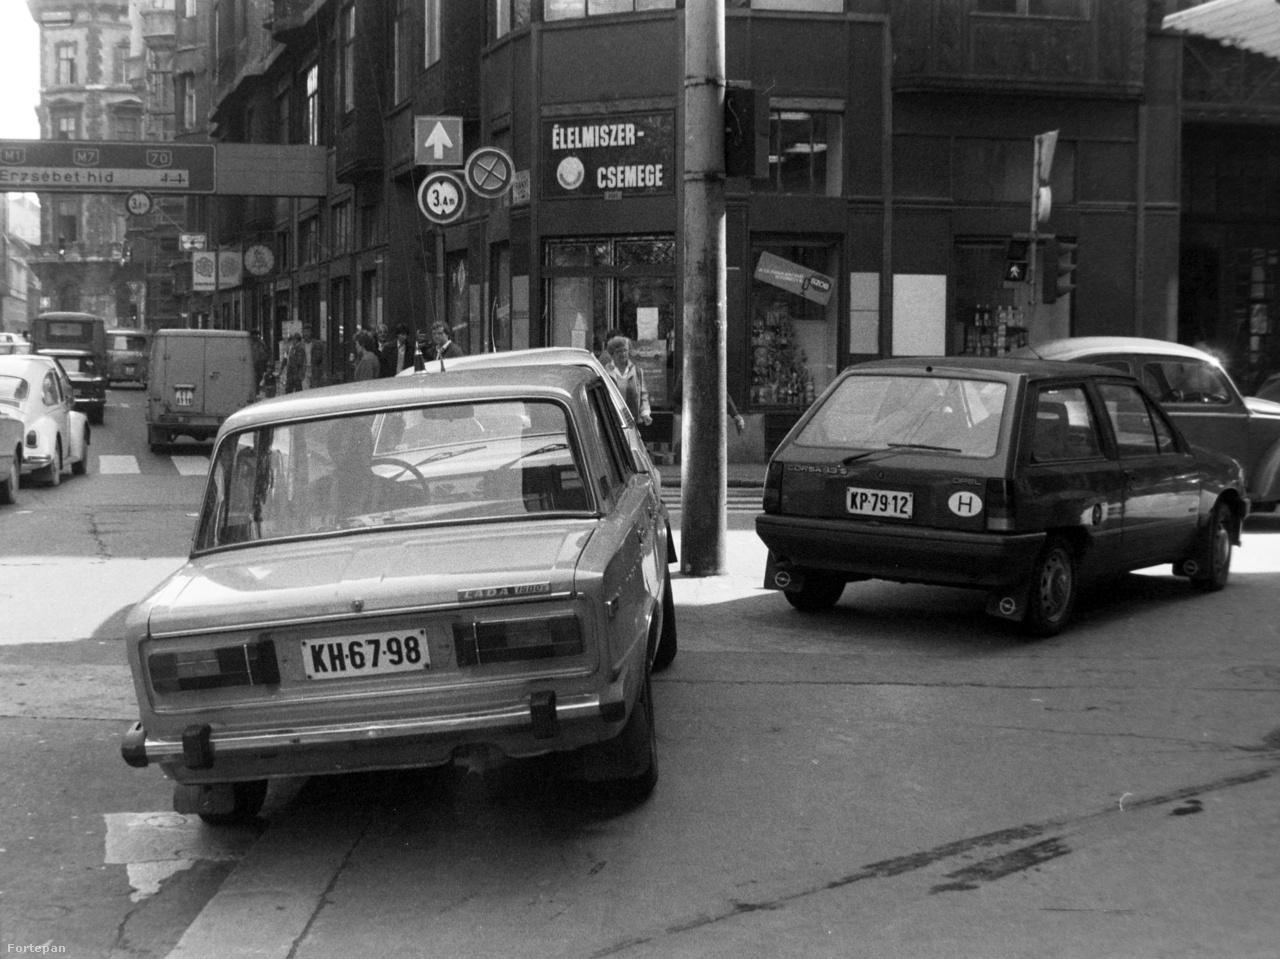 Minél több lett az autó Budapesten, annál kevesebb lett a parkolóhely. A közlekedőknek egy új típusa fejlődött ki: a bunkó autós, aki magasan tojt mindenféle KRESZ-szabályra, vagy arra, hogy akadályozza a gyalogosokat a mozgásban a járdán. A Kossuth Lajos utca - Városház utca sarkán szabályosan elbarikádozták a zebrát, ami jól látszik ezen az 1985-ös fotón.